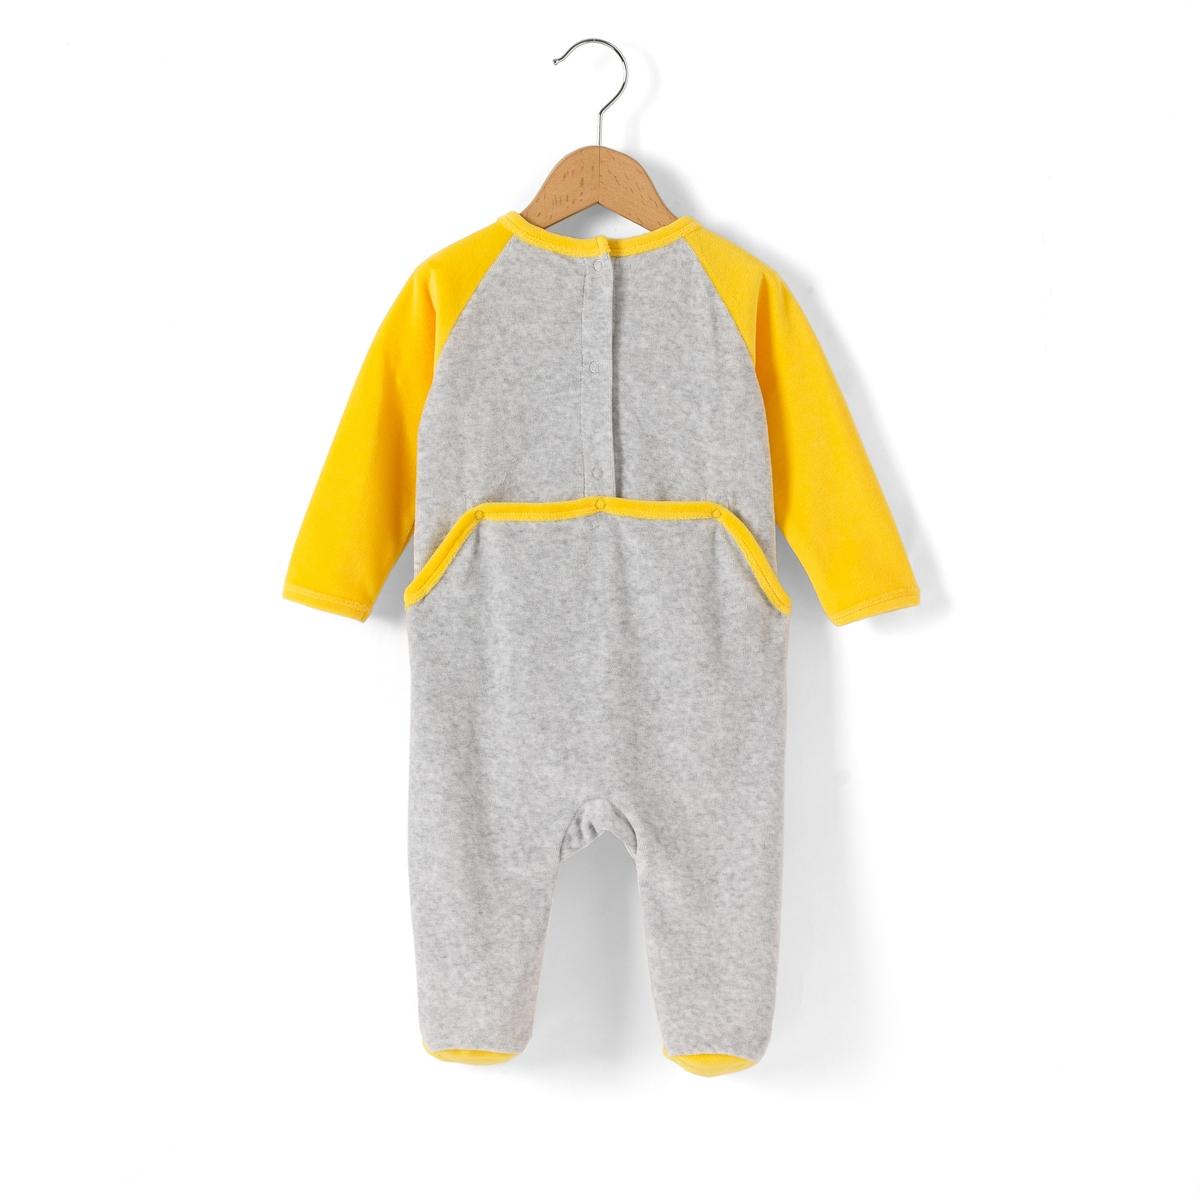 Пижама для мальчика, 3 мес. - 2 годаПижама для мальчика DE BARBAPAPA. Застежка на кнопки с клапаном сзади : практично для легкого одевания детей. Рисунок BARBAPAPA спереди. Длинные рукава.     Состав и описание     Материал       80% хлопка, 20% полиэстера      Марка       BARBAPAPA          Уход     Следуйте рекомендациям по уходу, указанным на этикетке.<br><br>Цвет: серый/ желтый<br>Размер: 2 года - 86 см.1 год - 74 см.6 мес. - 67 см